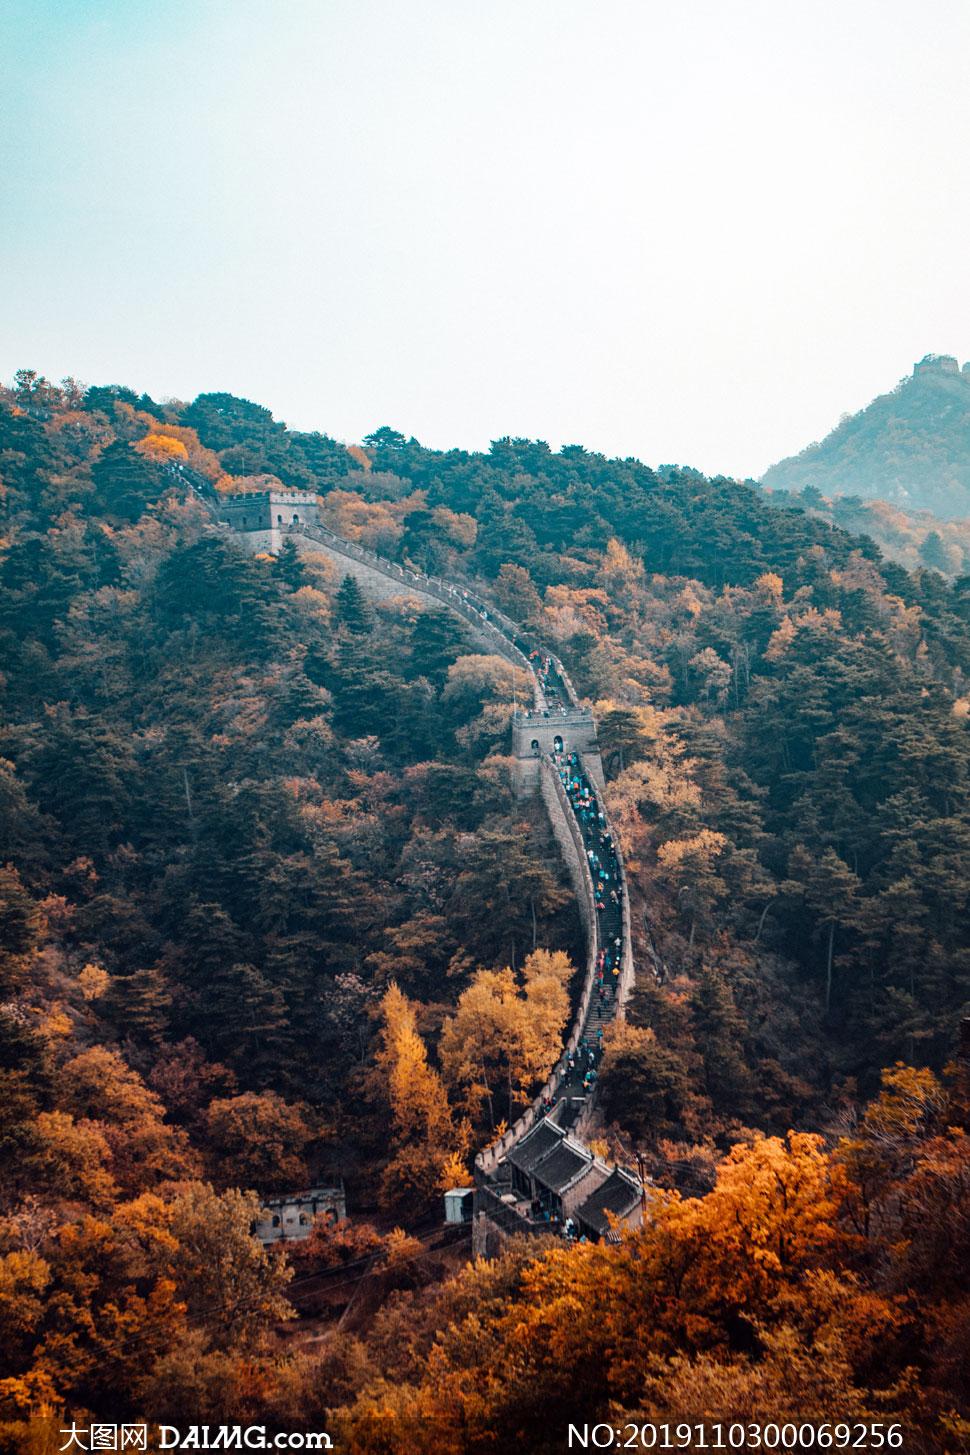 秋季山岭中美丽的长城景观摄影图片